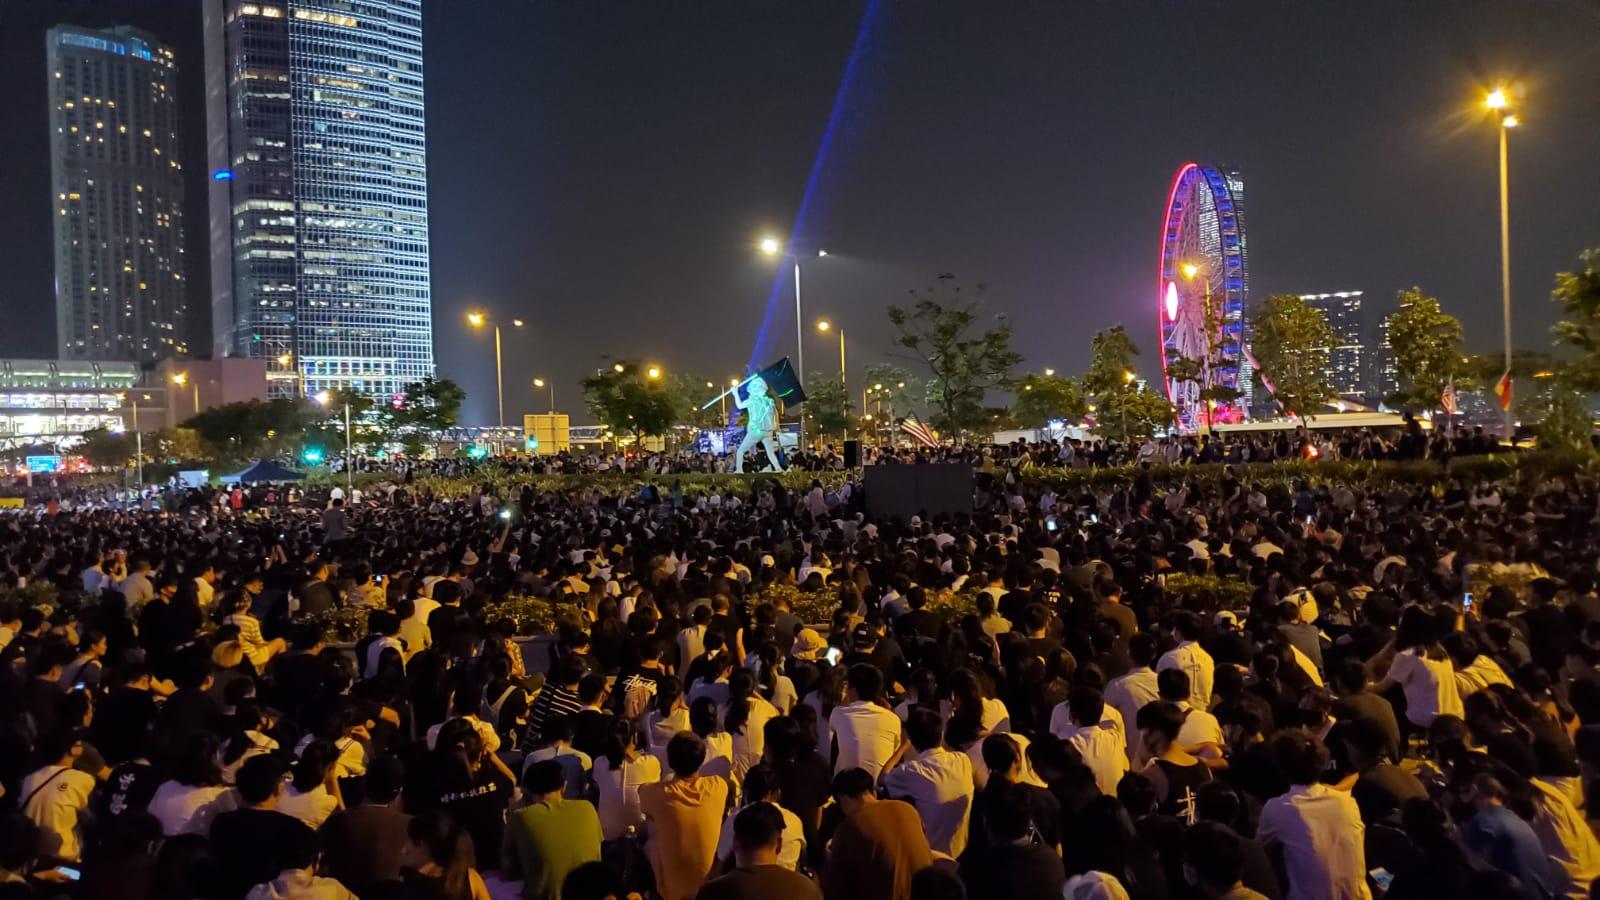 【修例风波】中环亮「手机灯海」关注新屋岭 大会:5万人参与